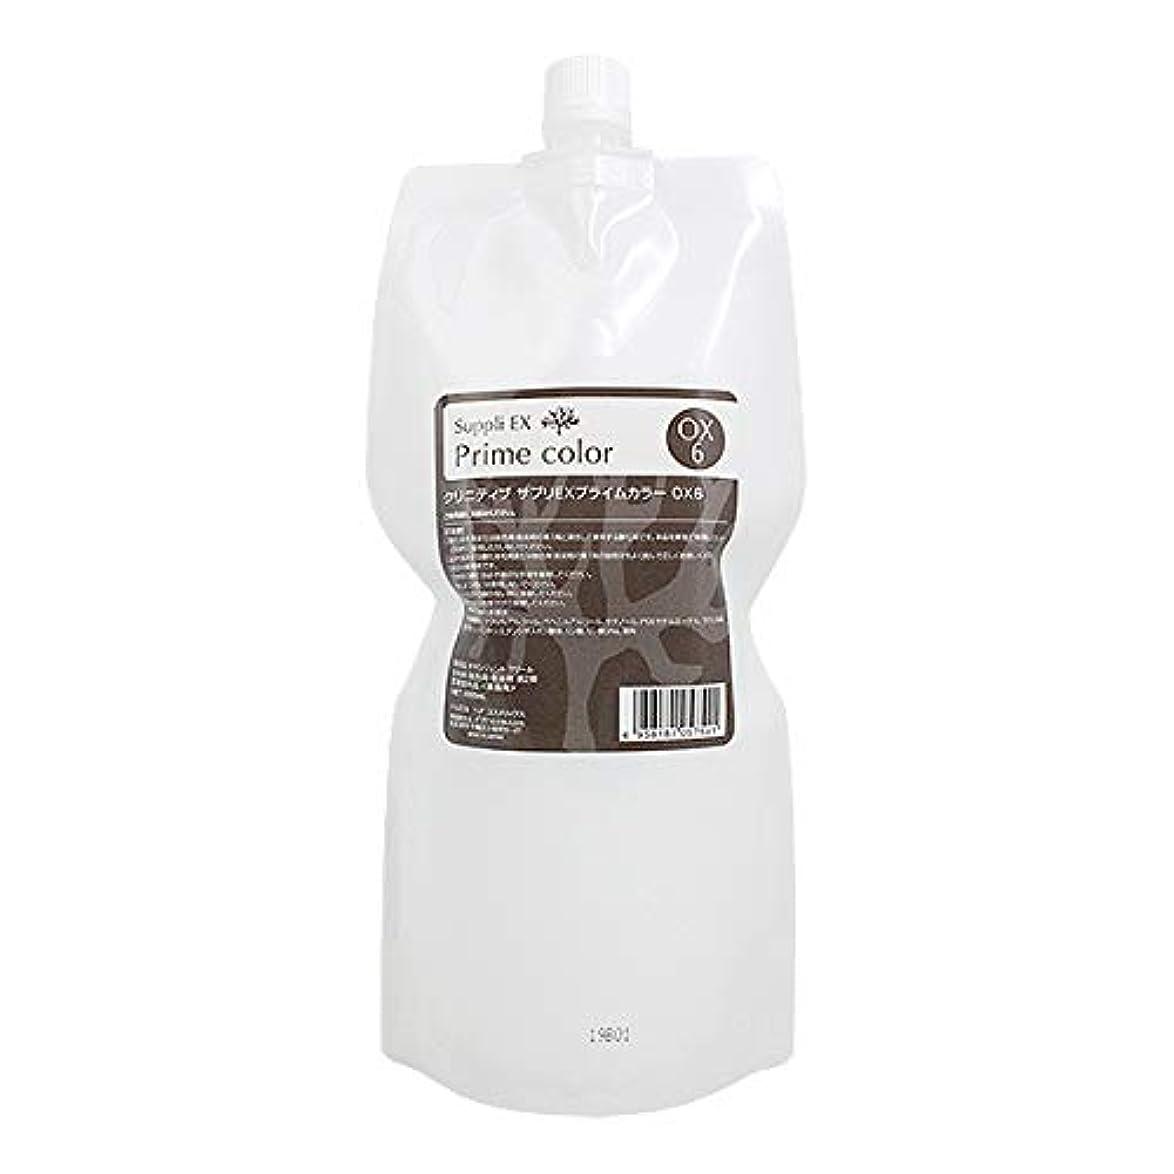 解くマティスタワーイリヤ化学 クリニティブ サプリEXプライムカラー アテンド(染毛補助クリーム) 300g